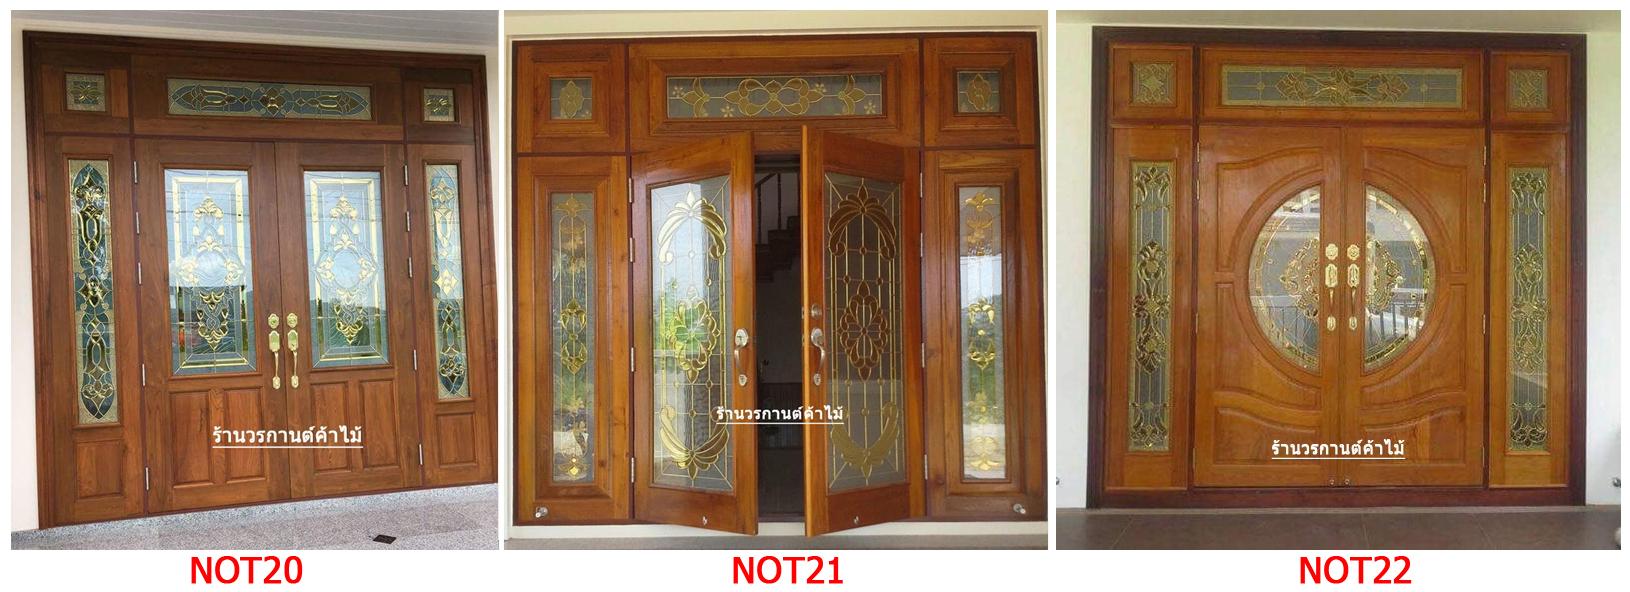 ประตูไม้สักกระจกนิรภัย แบบประตูบ้าน ให้ท่านเลือกมากมาย ประตบานเลื่อน ประตูไม้สักกระจกนิรภัย บานเปิด-ปิด ราคาจะขึ้นอยู่กับไม้สักของแต่ละเกรด 1 เกรด A คือไม้สักเรือนเก่า,ไม้สักเก่า 2 .B+,B คือ ไม้สักอบแห้งคัดพิเศษ ( ไม้สักออป. ) จำหน่ายประตูไม้สักใน ราคาโรงงานจากจังหวัดแพร่ ผลิตโดยช่างฝีมืออาชีพสินค้าทุกชิ้นมีคุณภาพเพราะทางร้านเราใช้ไม้เกรดคุณภาพ ในการผลิตประตูทุกบาน ลูกค้าจึงมั่นใจได้ว่าจะได้รับสินค้าที่ดีที่สุดจากร้านเราอย่างแน่นอน - ประตูไม้สัก มีขนาดมาตรฐาน 3 ขนาด คือ 80x200 , 90x200 , 100x200